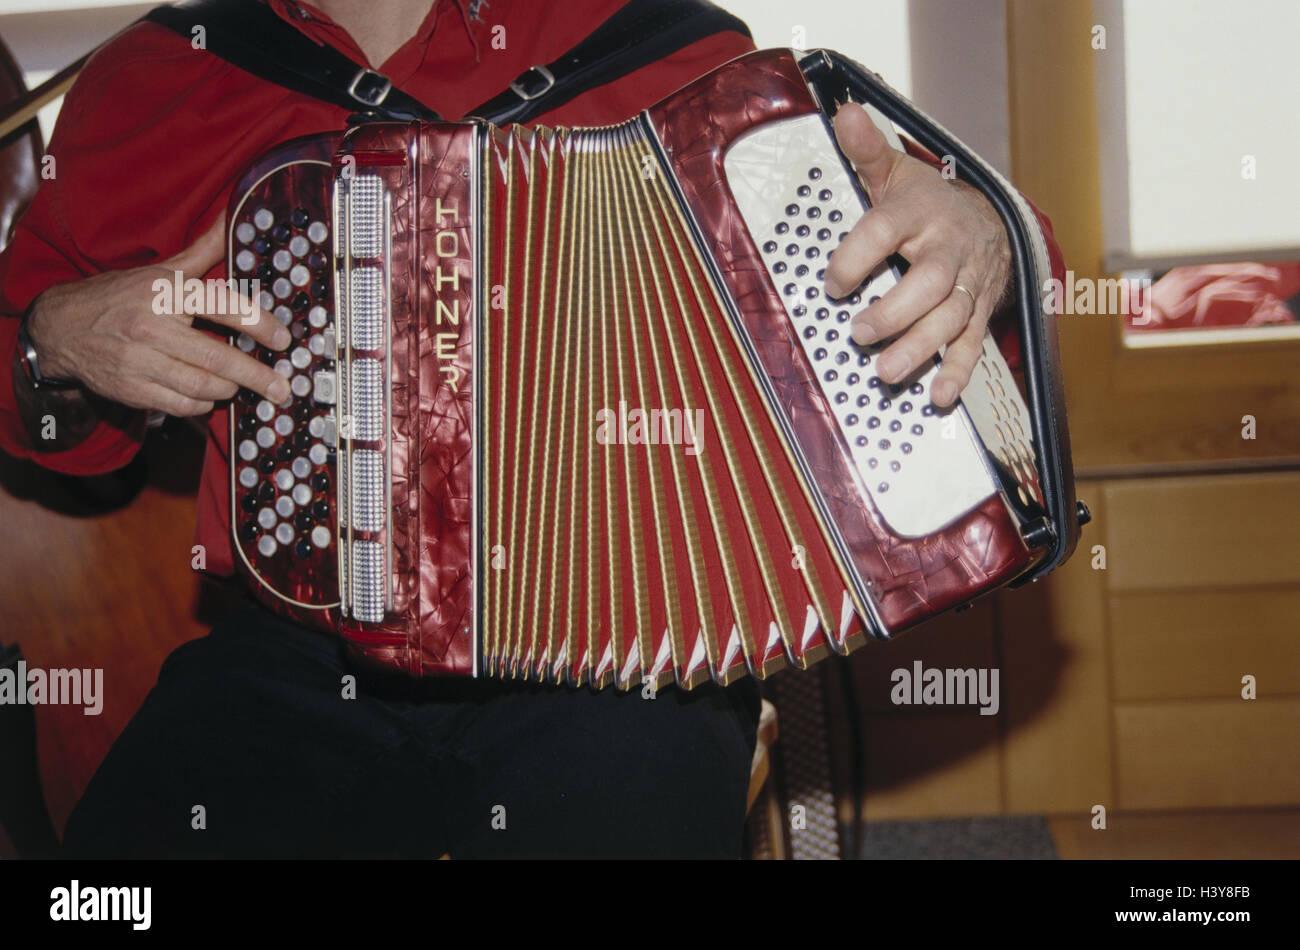 Mann, Detail, Konzertina spielen, Konzertina Spieler, Knopfakkordeon, diatonisch, diatonisch, Musiker, Musiker, Stockbild